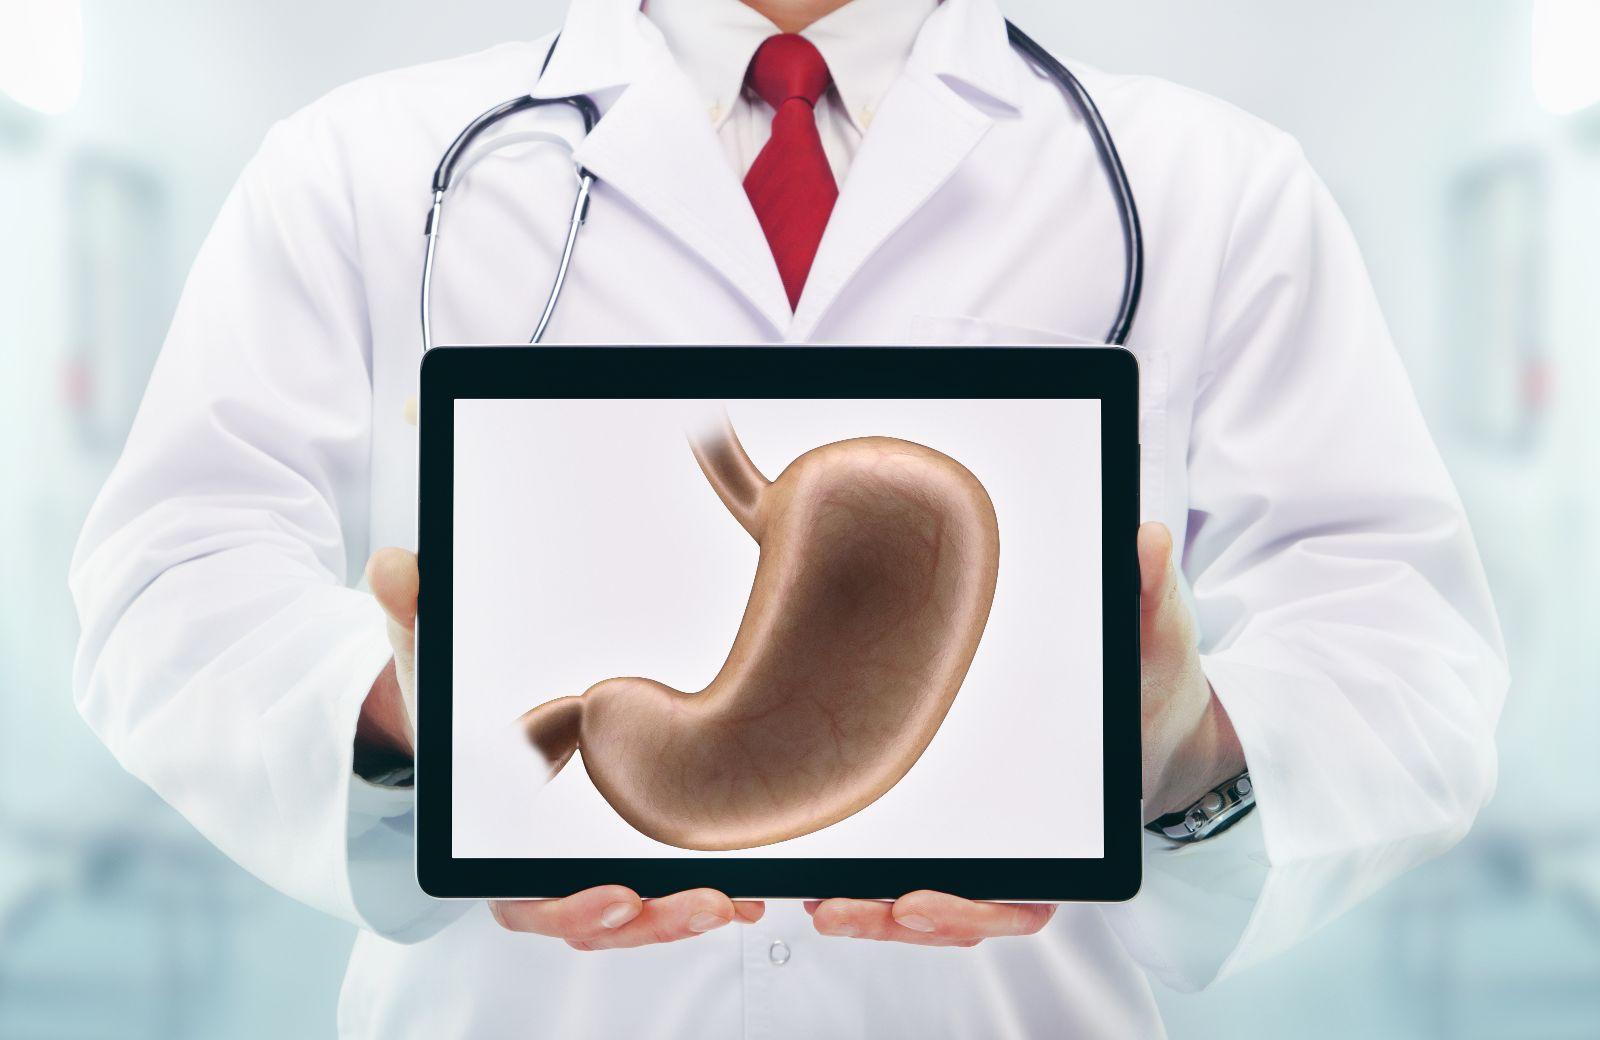 Médico con estetoscopio en un hospital. Con una tablet que muestra una ilustración de un estómago